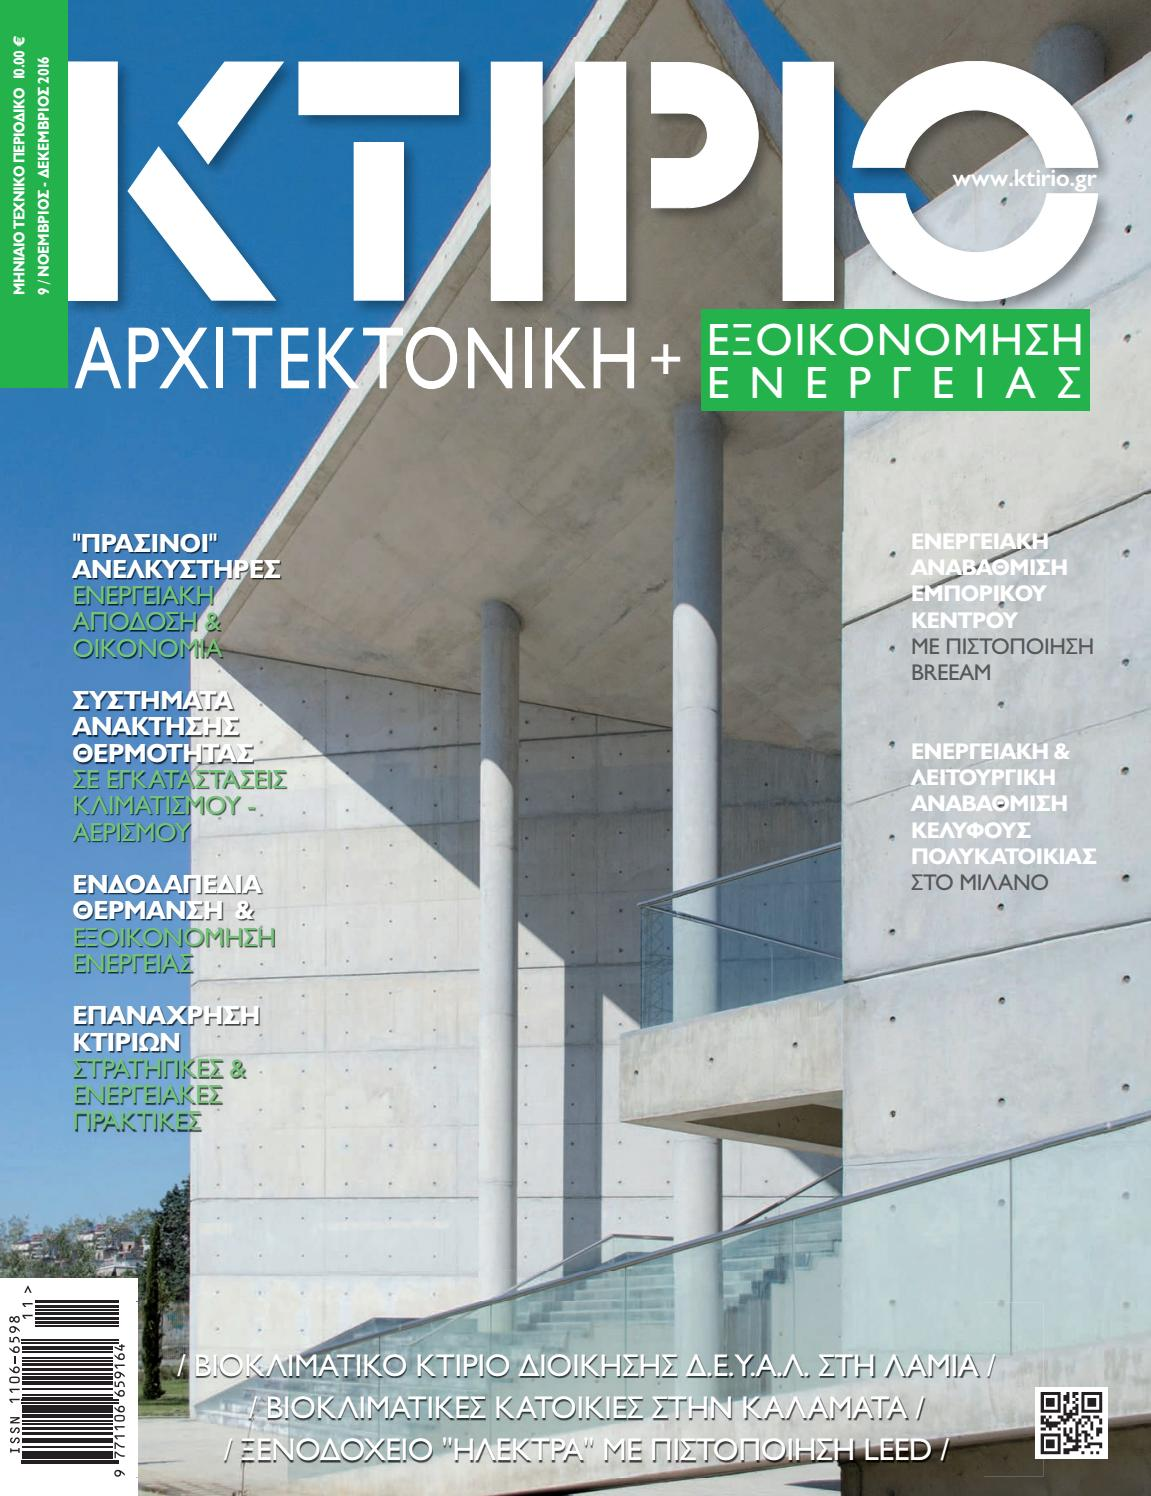 42. KTIRIO [ISSUE: 11/12 2016]